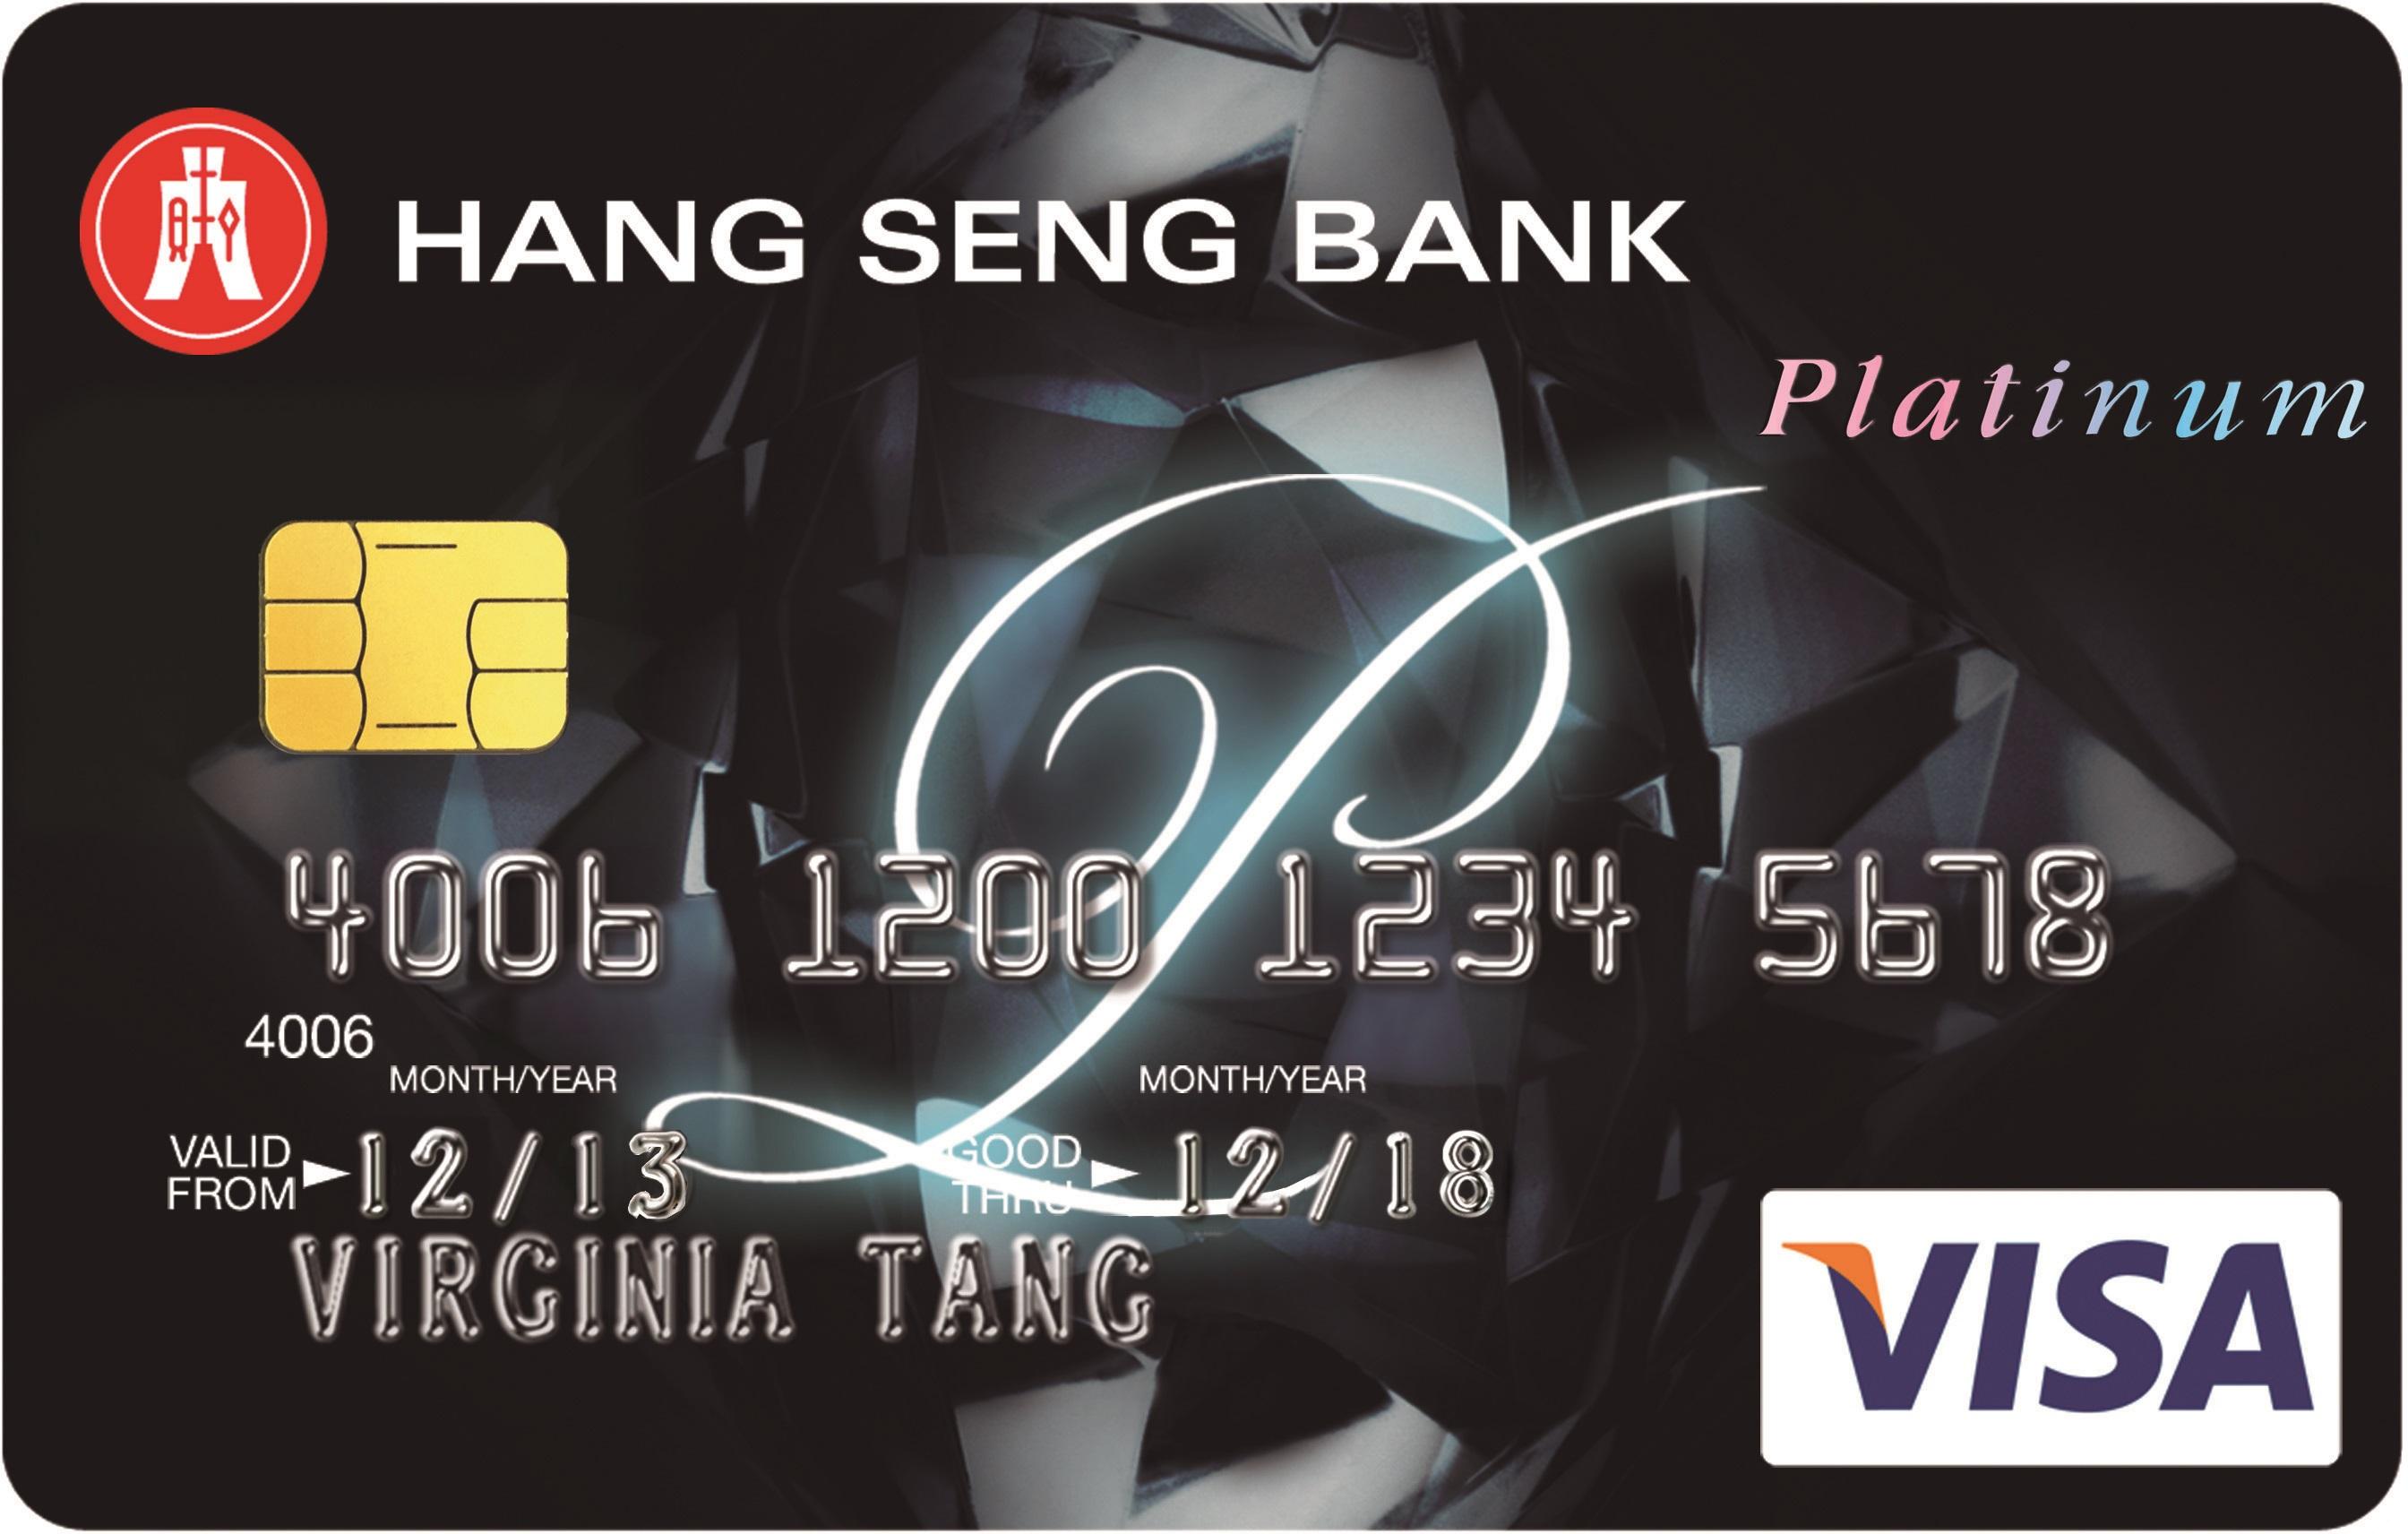 恒生Visa白金卡| MoneyHero.com.hk